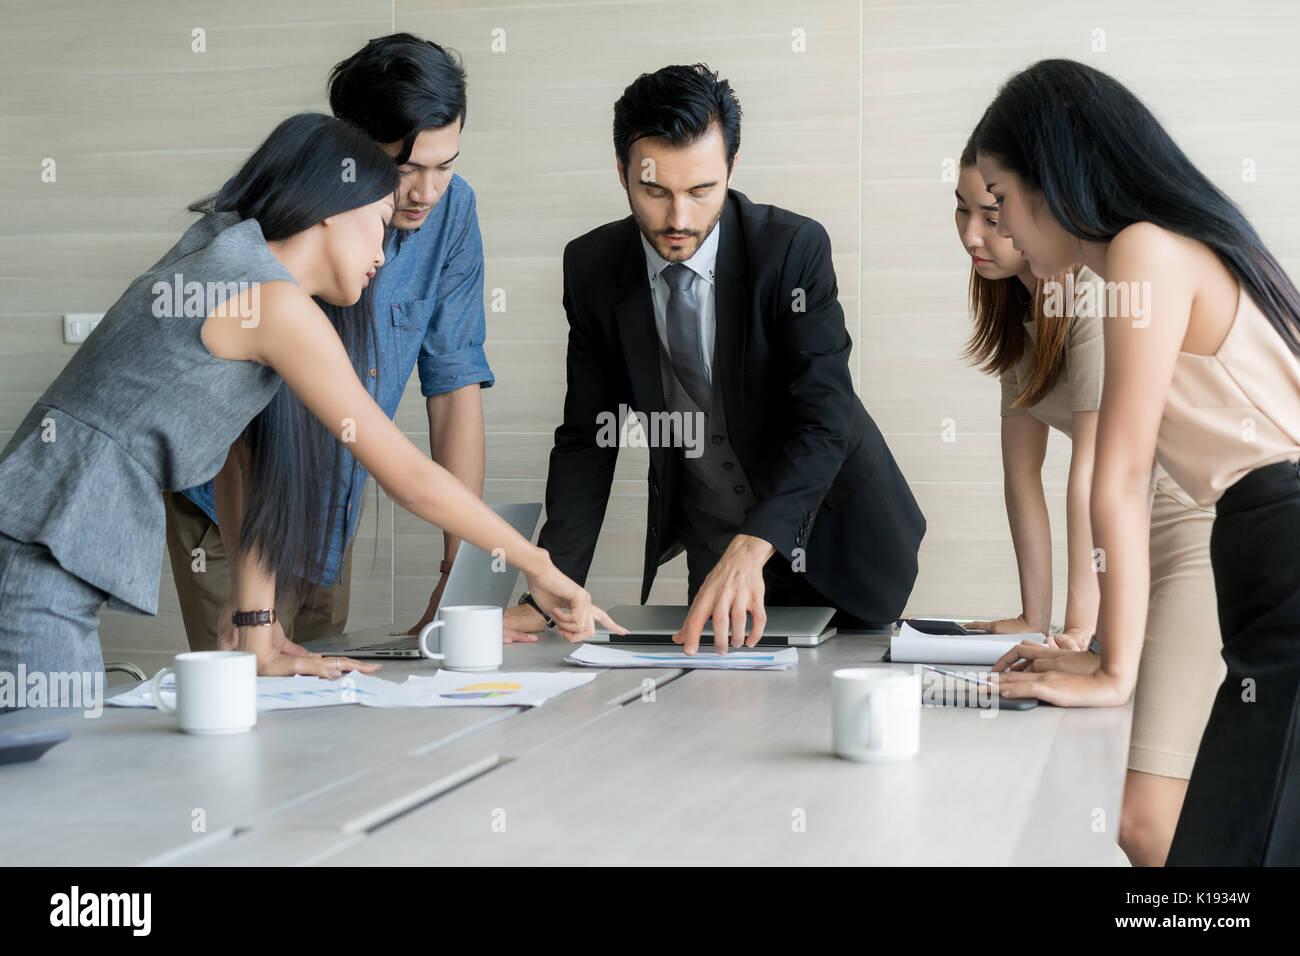 Groupe de partenaires d'affaires multi-ethnique discuter des idées de salle de réunion au bureau. Les gens d'affaires de l'entreprise réunion d'équipe communication concept. Photo Stock